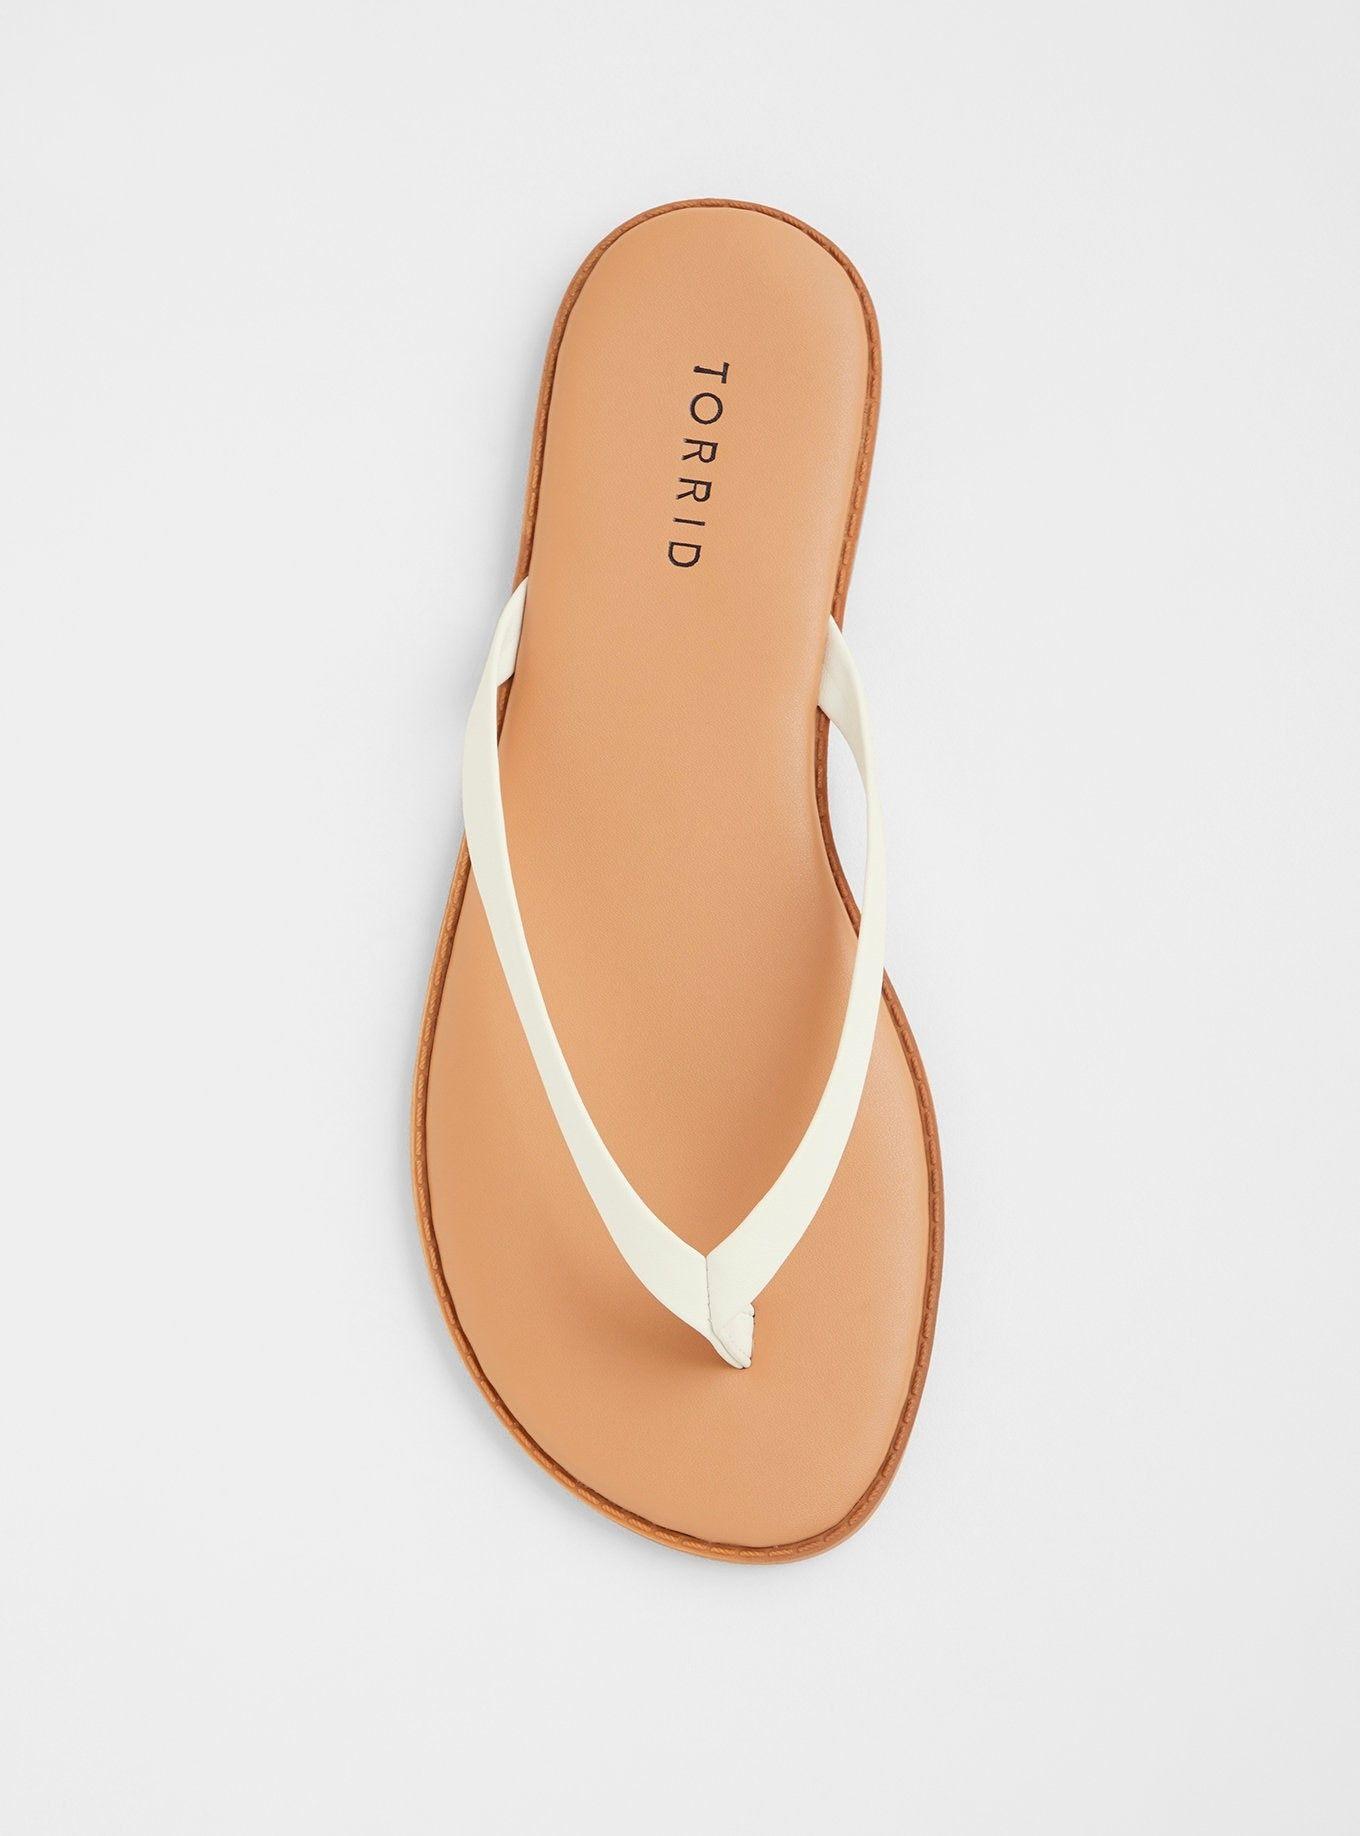 White Faux Leather Flip Flop Sandal